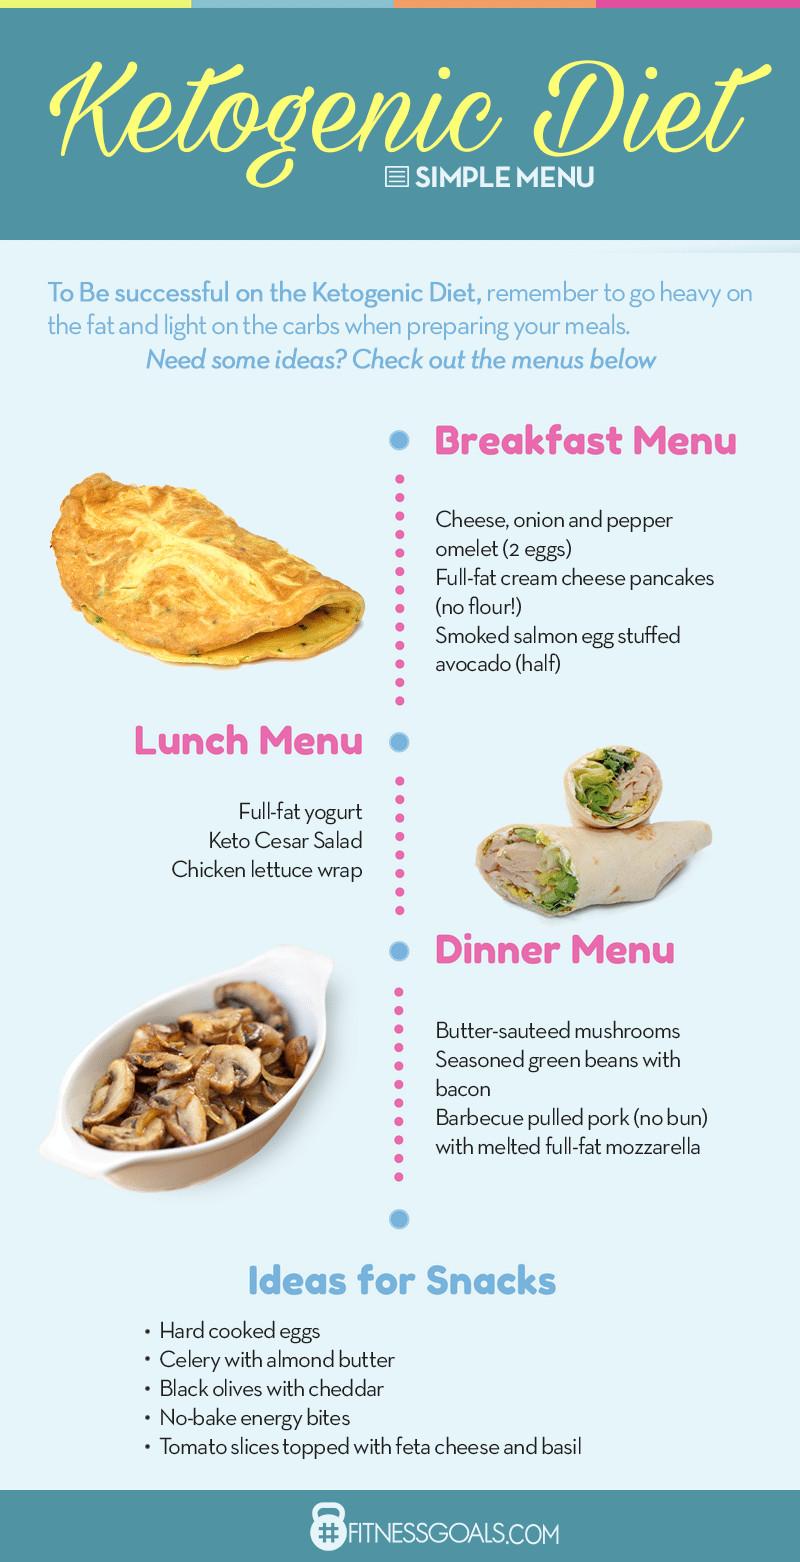 Menu For Keto Diet  Keto Diet Plan The plete Beginner's Guide